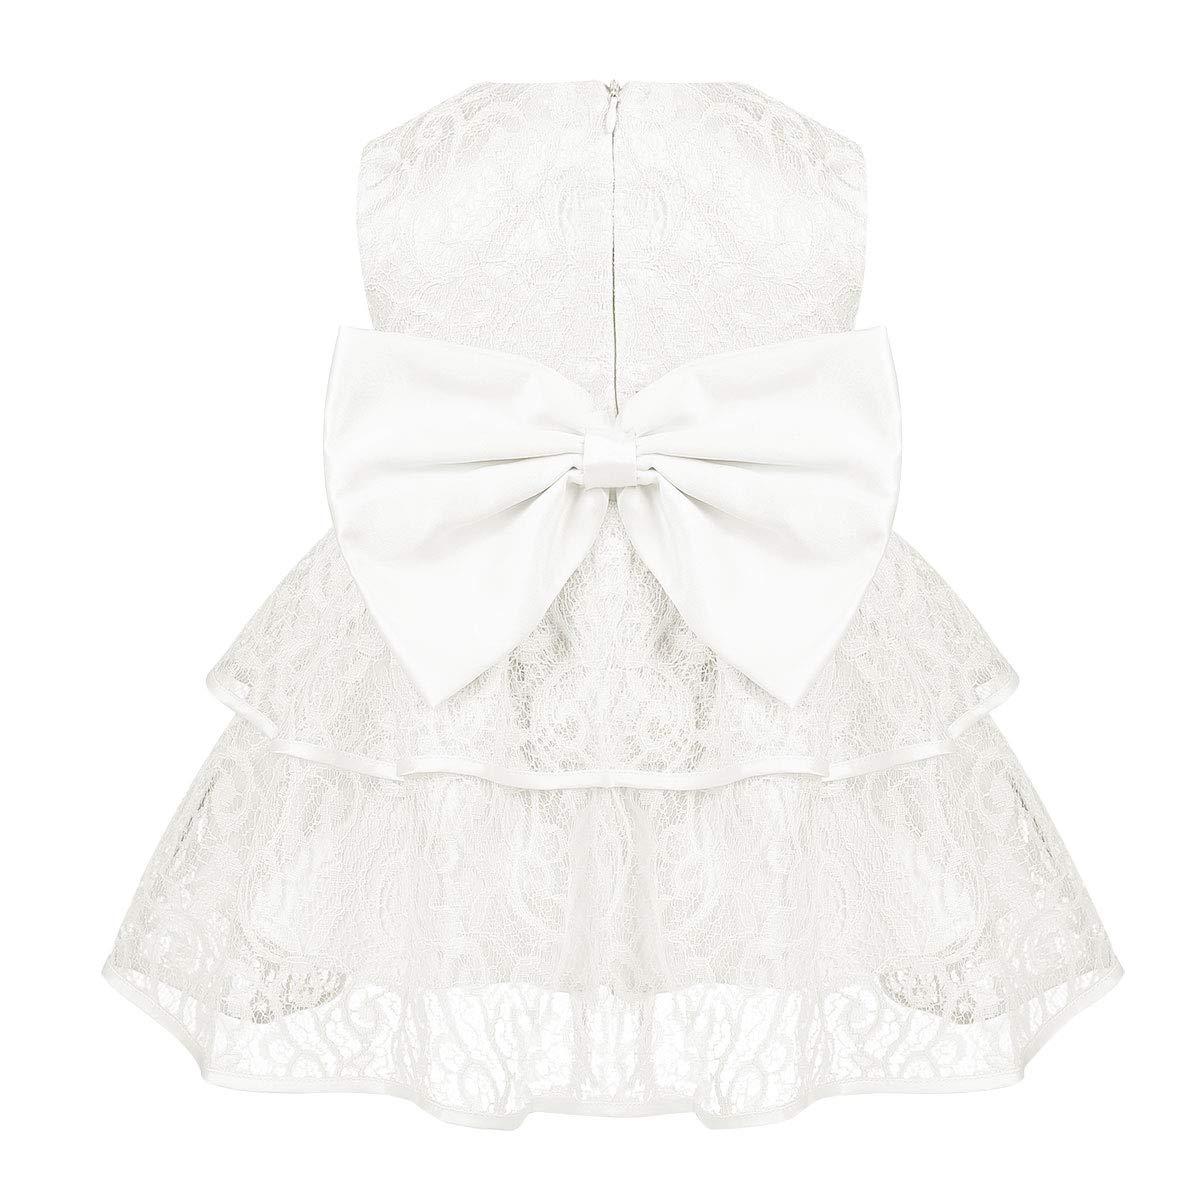 MSemis Baby M/ädchen Prinzessin Kleid Blumenm/ädchenkleid Taufkleid mit Bowknot Spitzen Festlich Kleid Hochzeit Partykleid Festzug Tutu Kleider